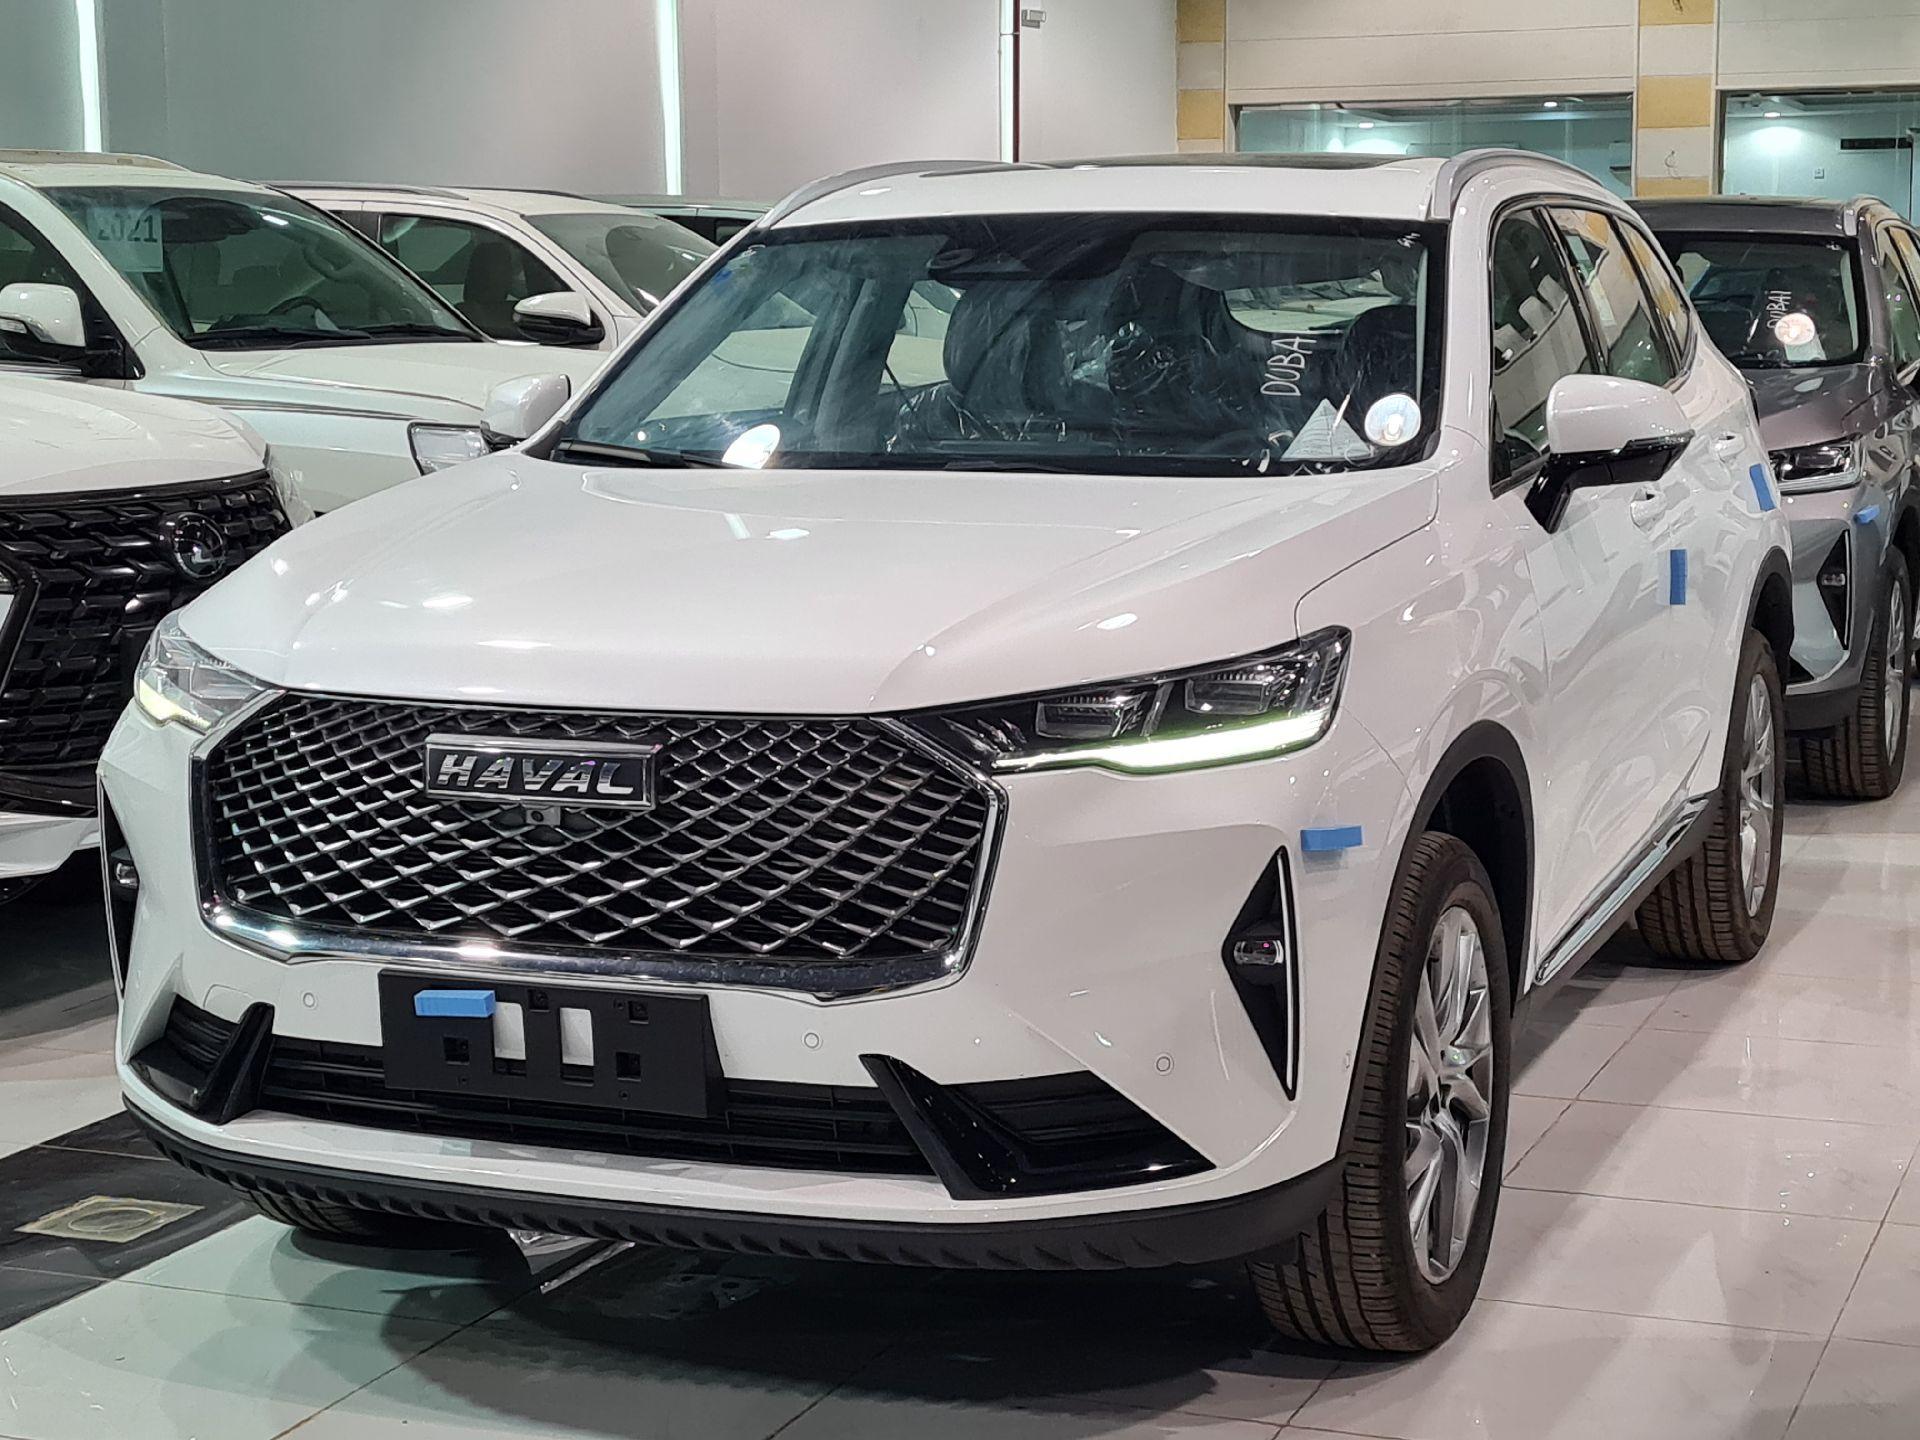 هافال H6 الشكل الجديد Premium 2022 فل سعودي للبيع في الرياض - السعودية - صورة كبيرة - 1